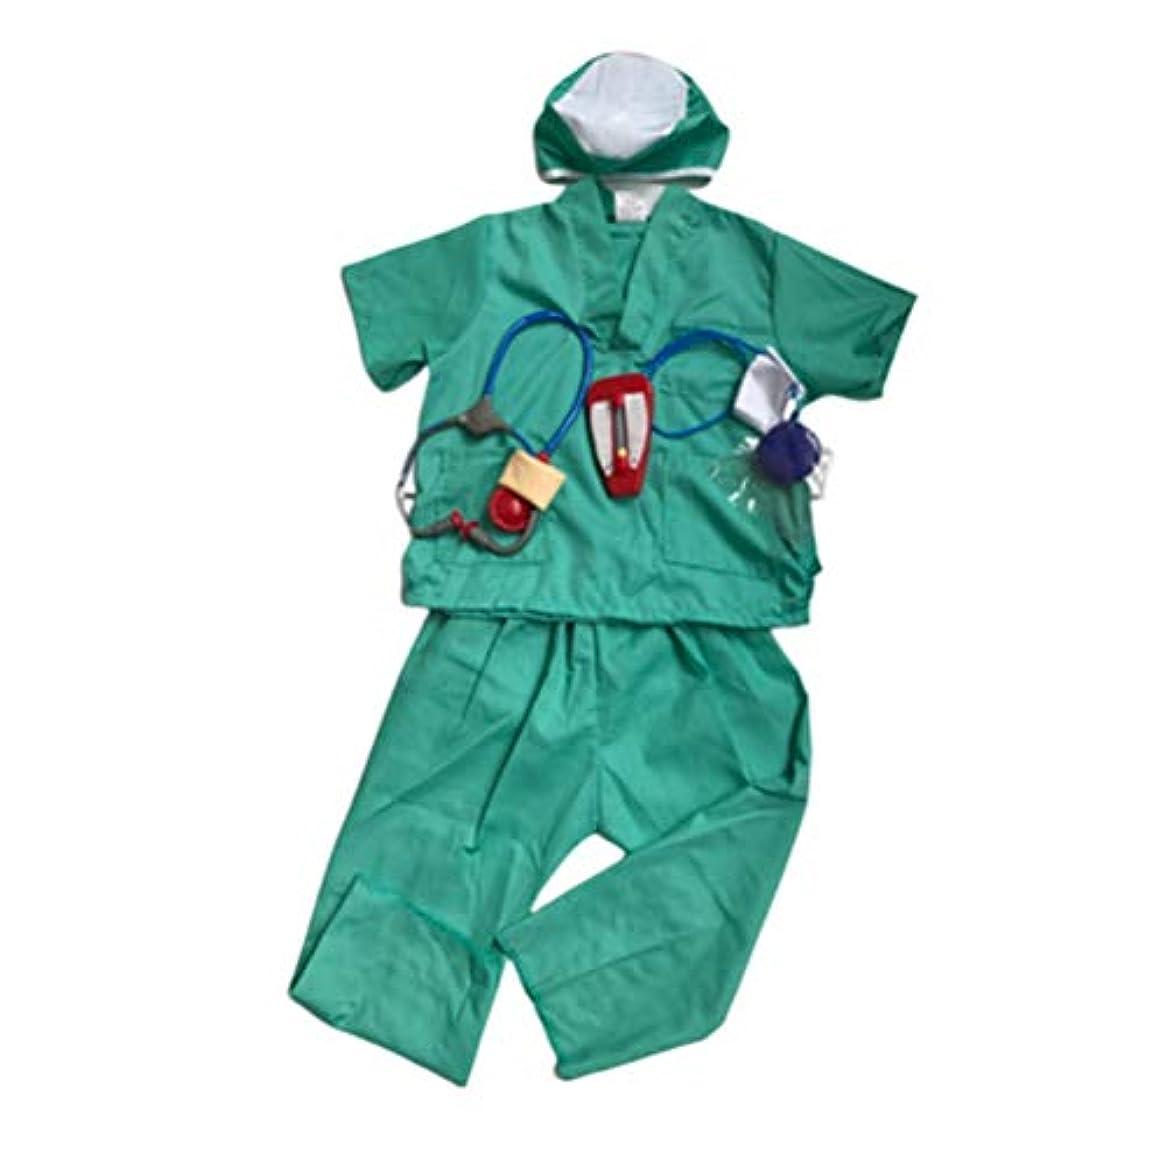 陽気な原始的な罪Amosfunドクターユニフォーム子供のための子供手術ガウンコスプレ衣装ロールプレイ衣装ハロウィン仮装パーティー